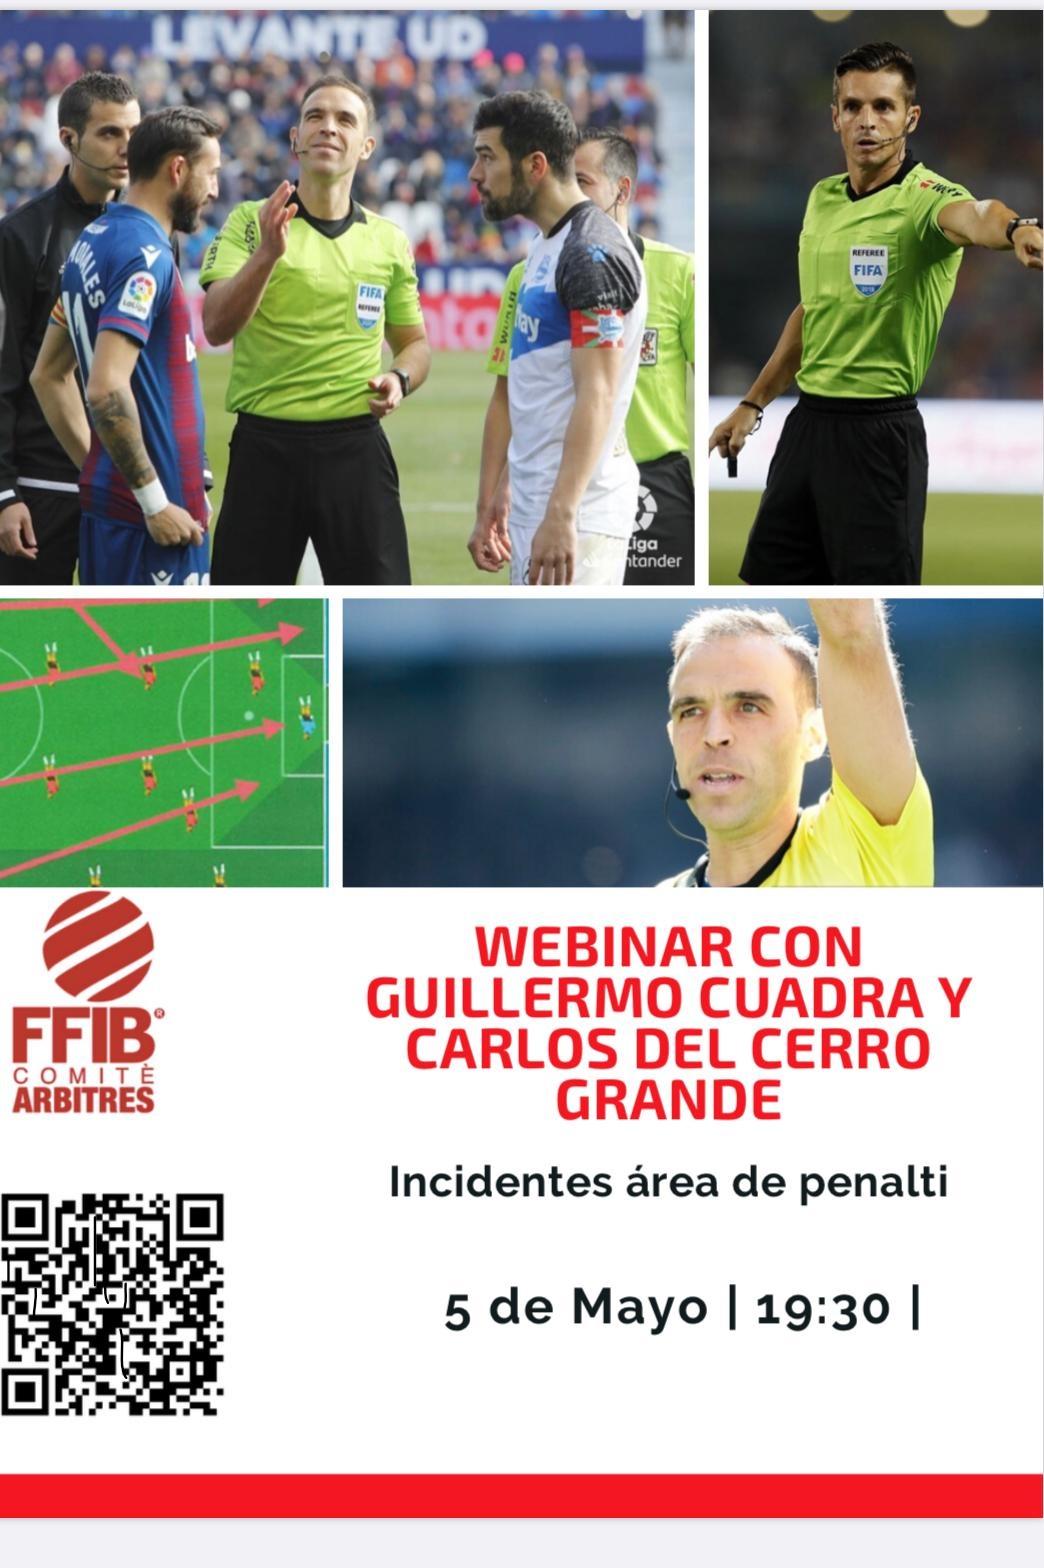 WEBINAR CON GUILLERMO CUADRA Y CARLOS DEL CERRO